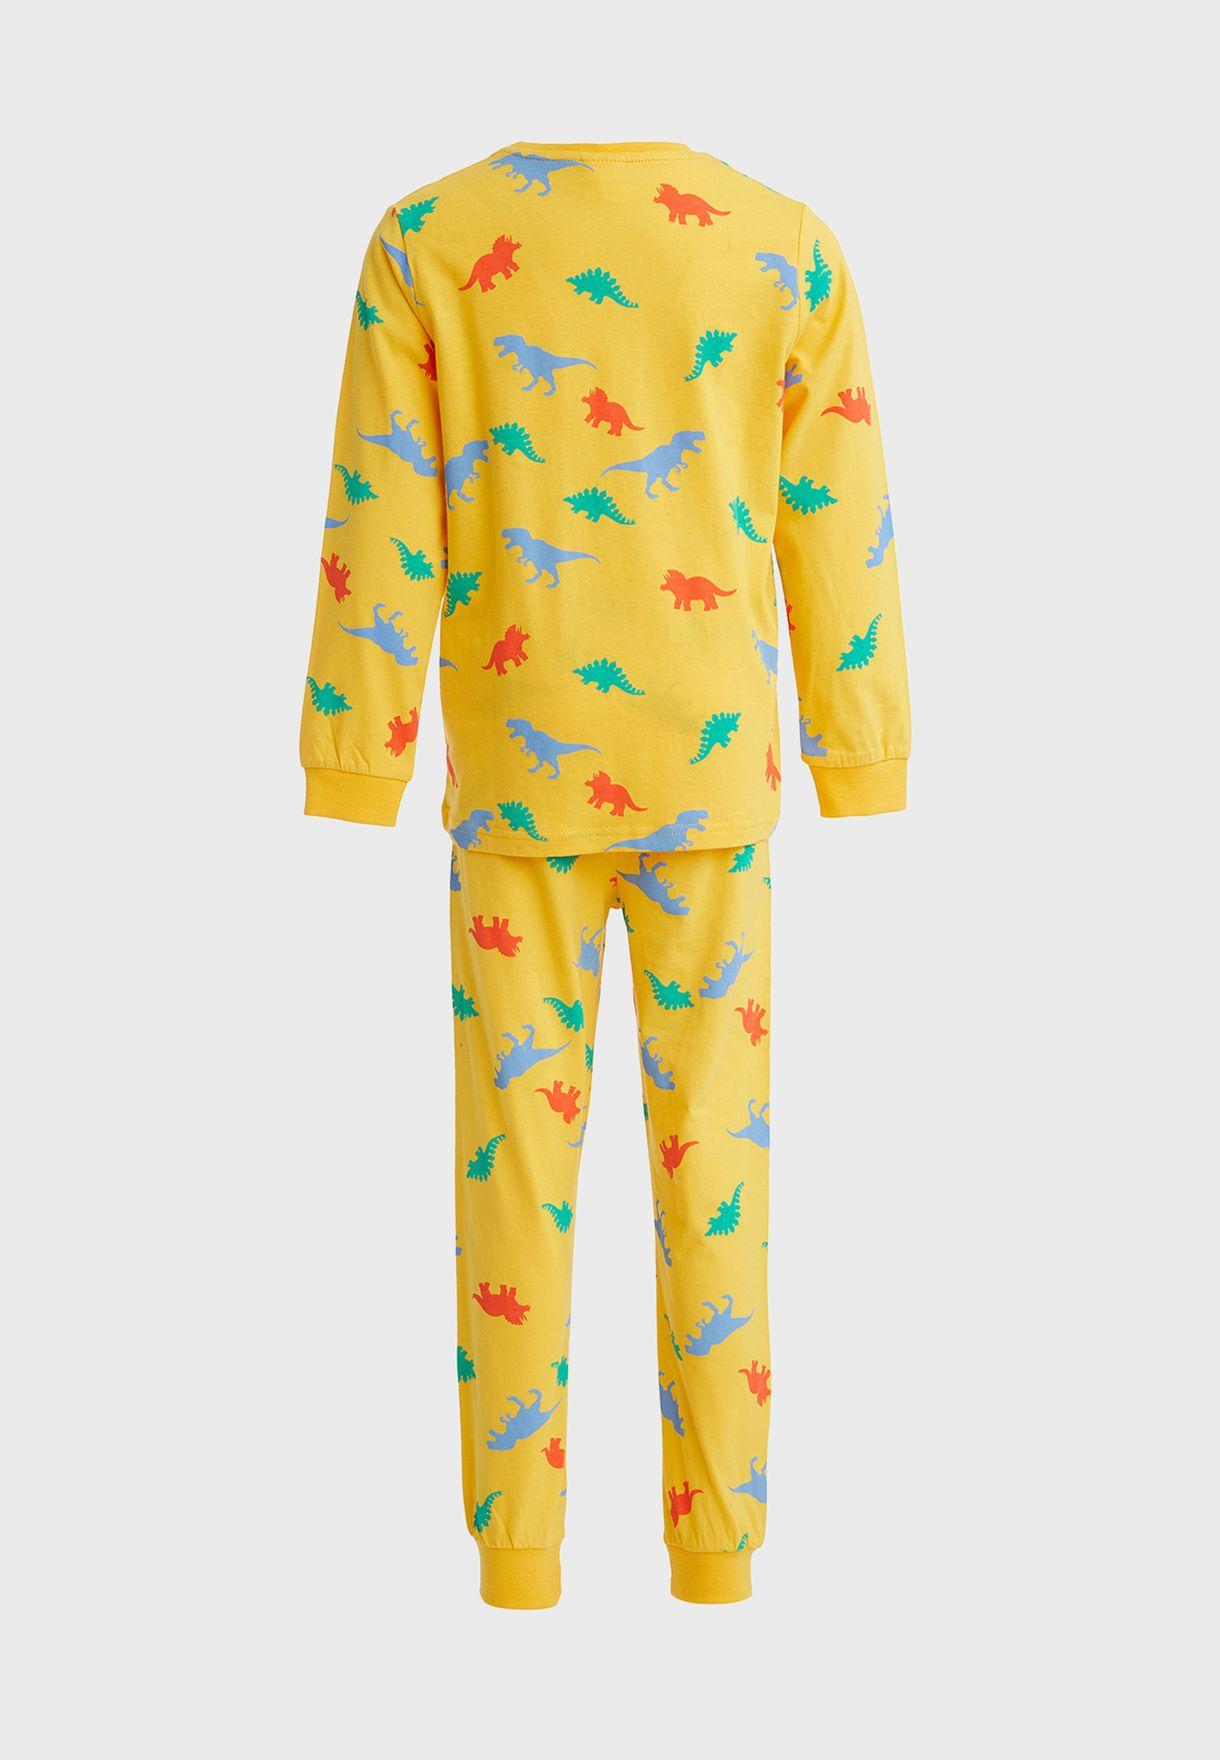 Kids Dino Print Pyjama Set